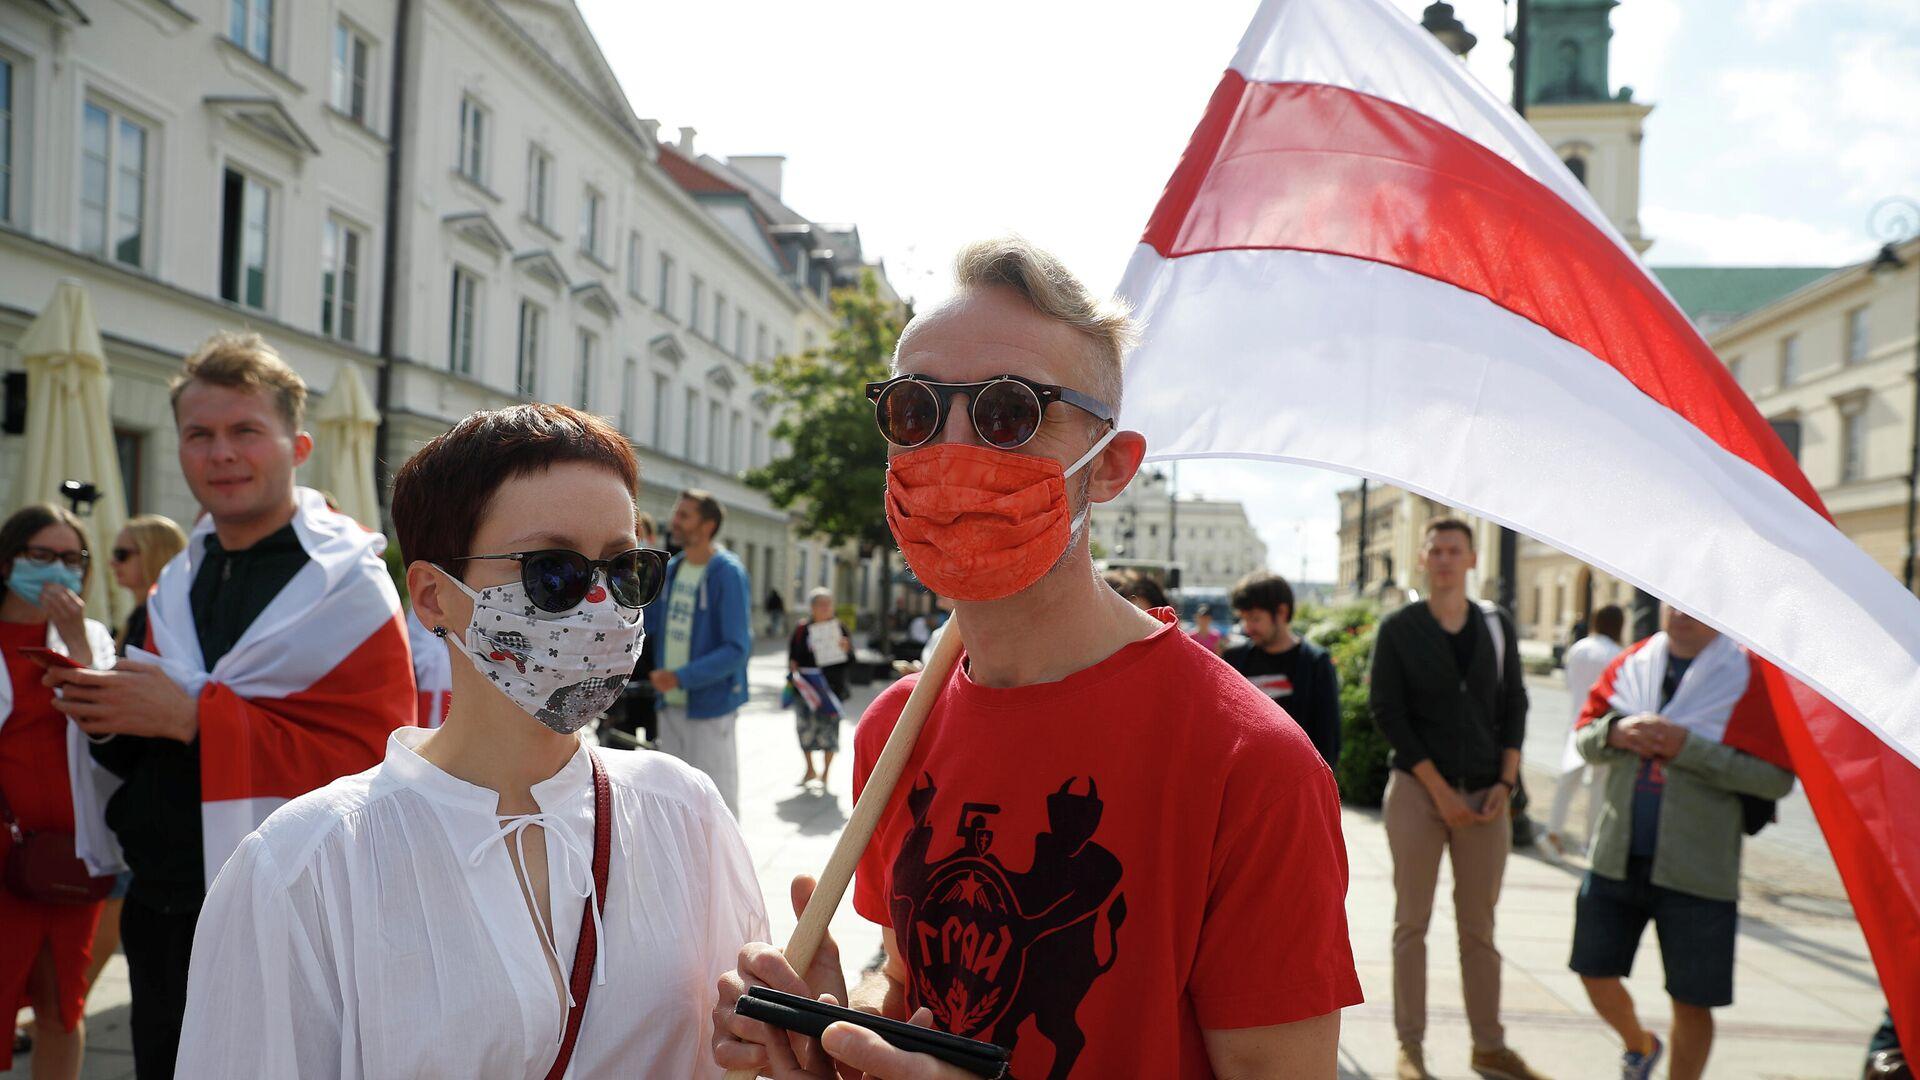 Акция в поддержку протестов в Белоруссии в Варшаве - РИА Новости, 1920, 17.09.2020